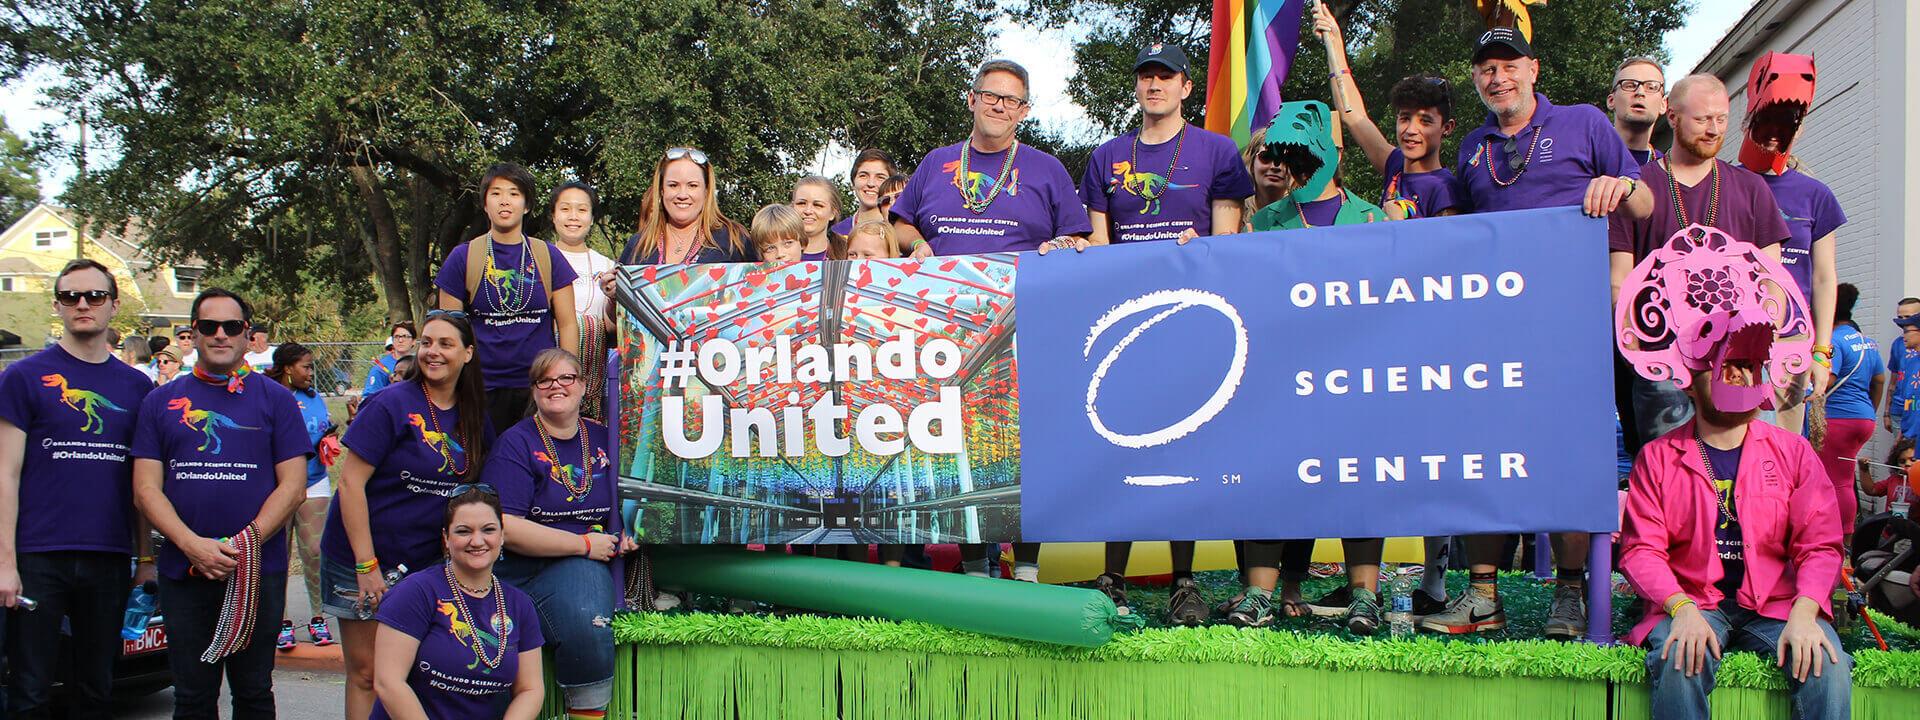 Employment Orlando Science Center